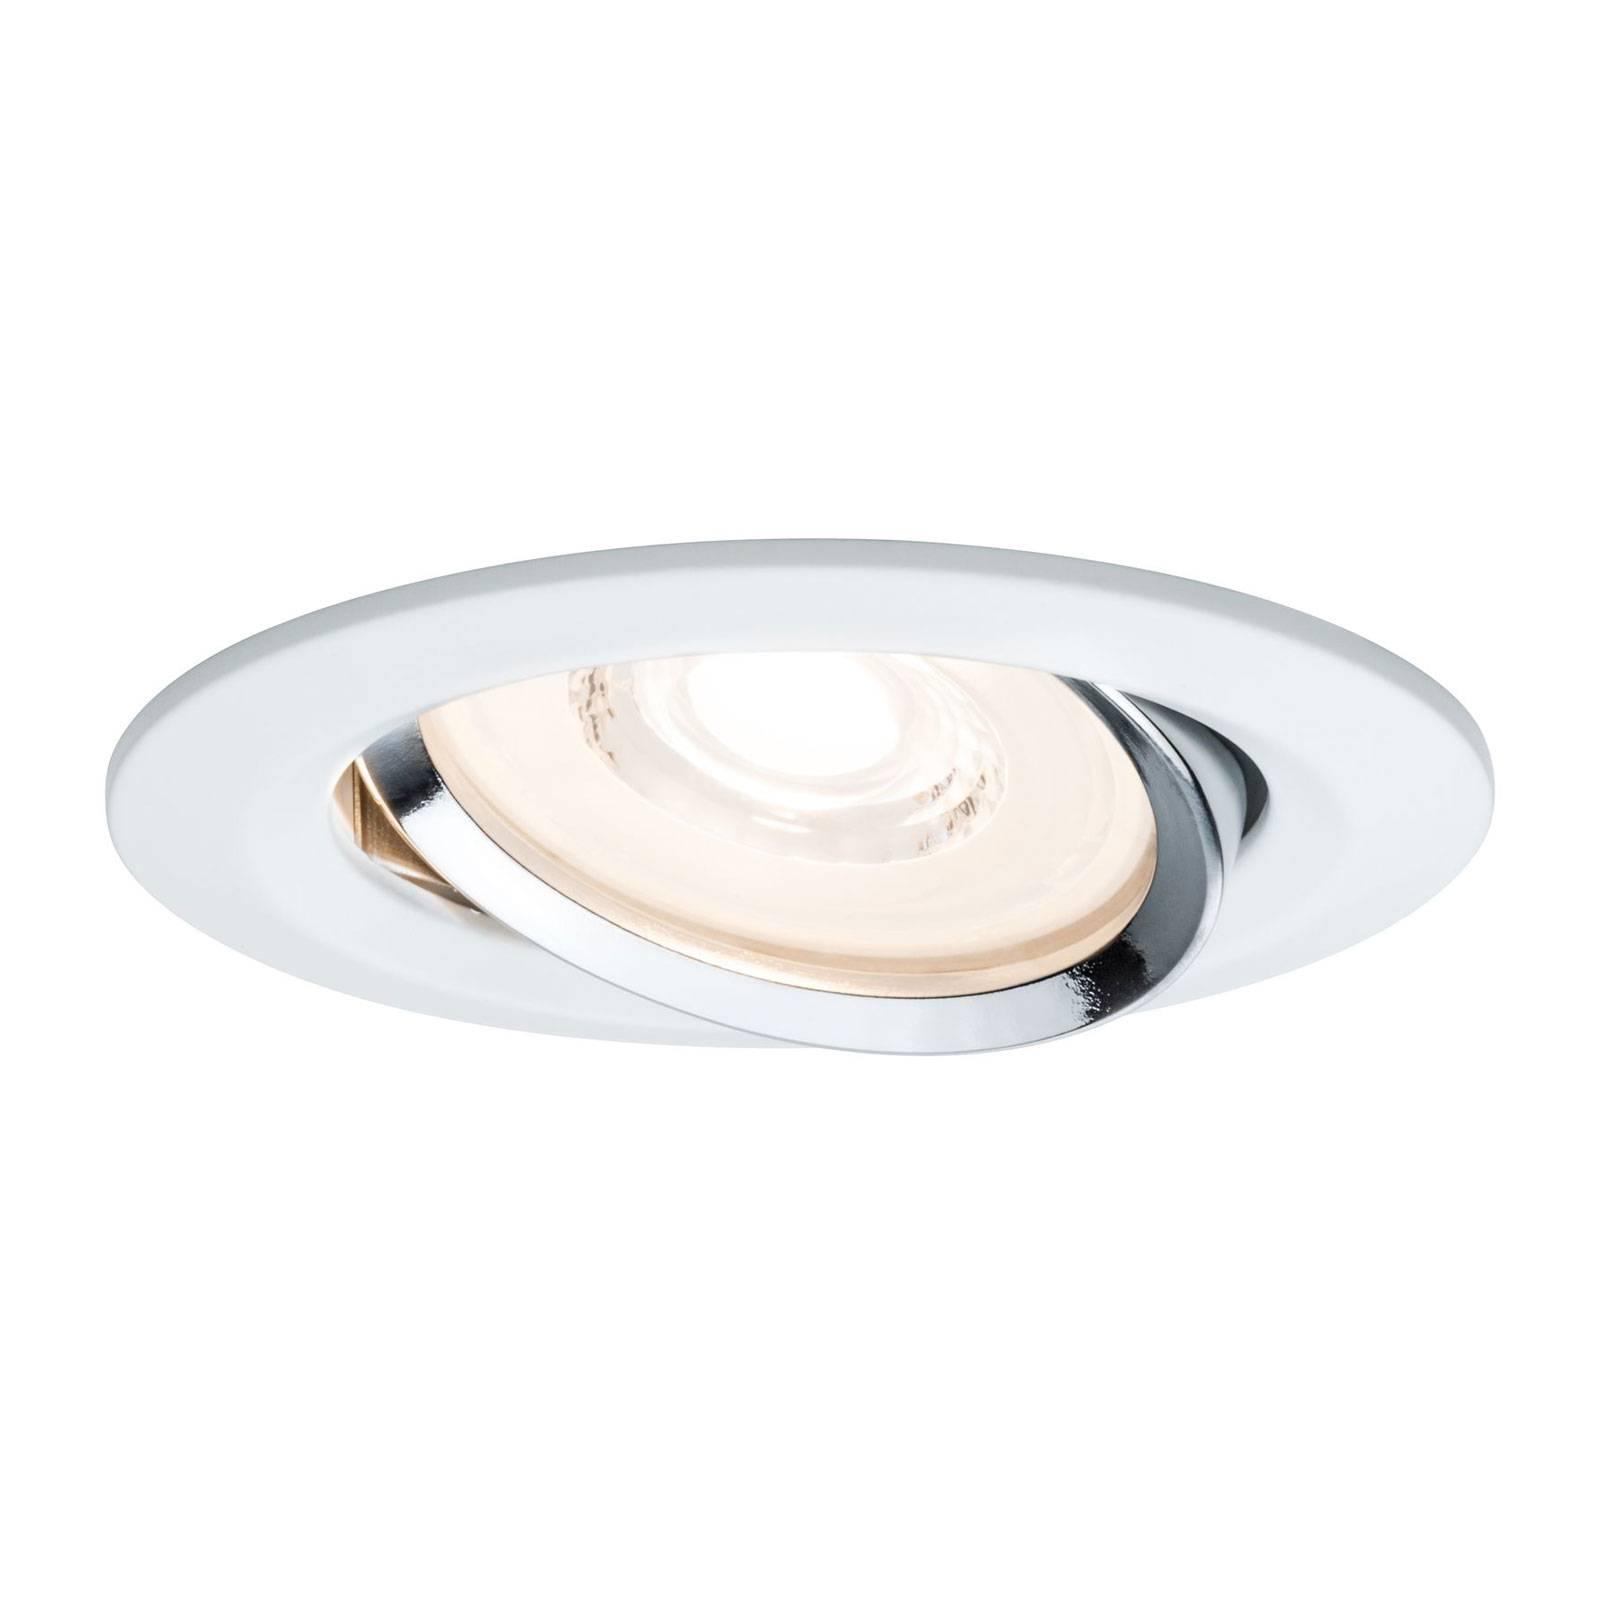 Paulmann Reflector Coin LED inbouwspot, per 3